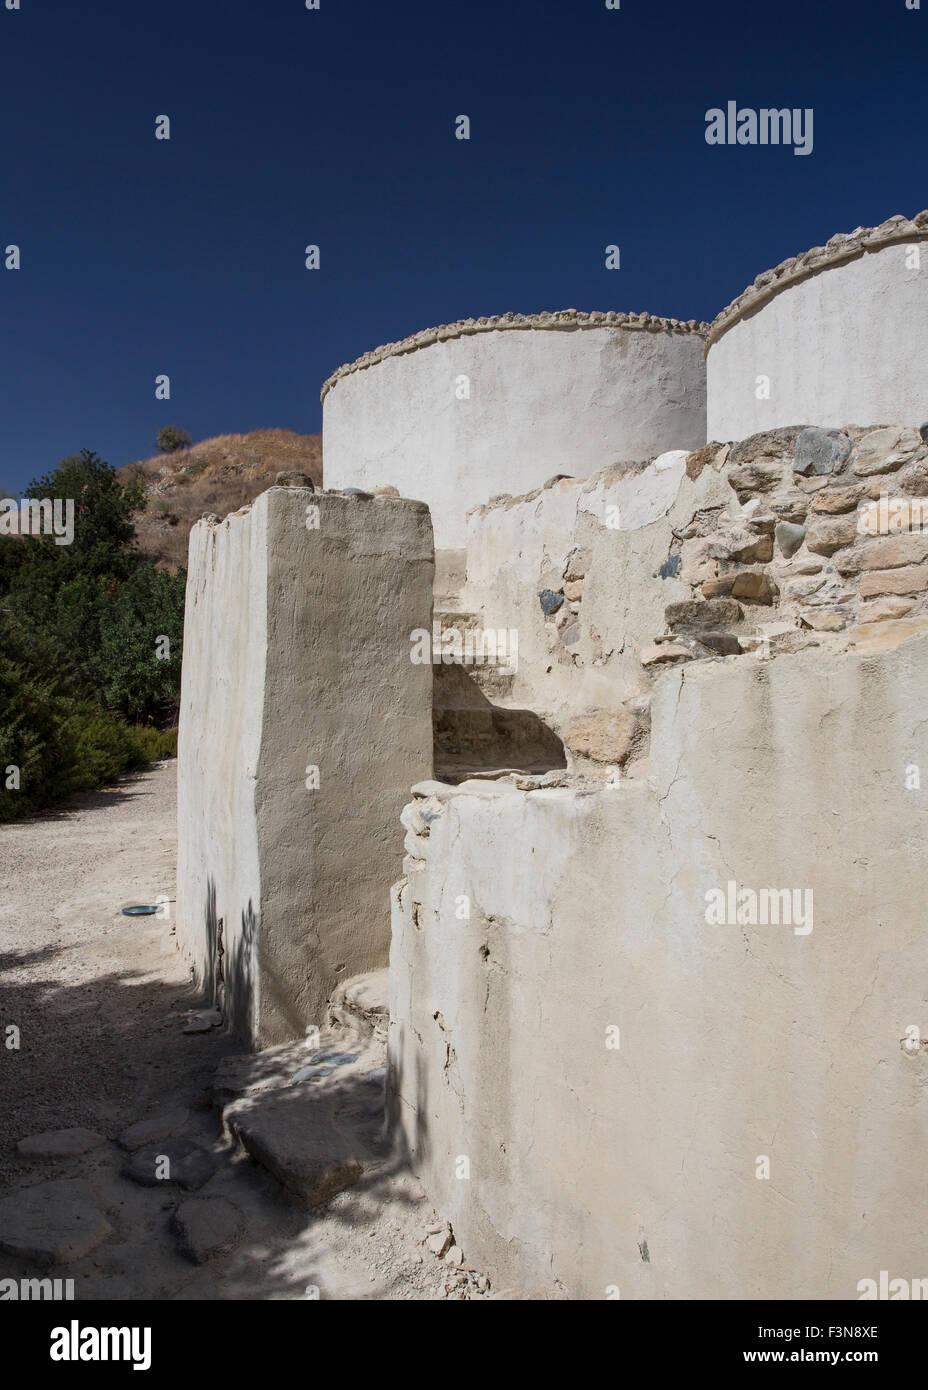 La ricostruzione dell'entrata protetta e alloggia all'insediamento neolitico di Choirokoitia in Cipro Foto Stock